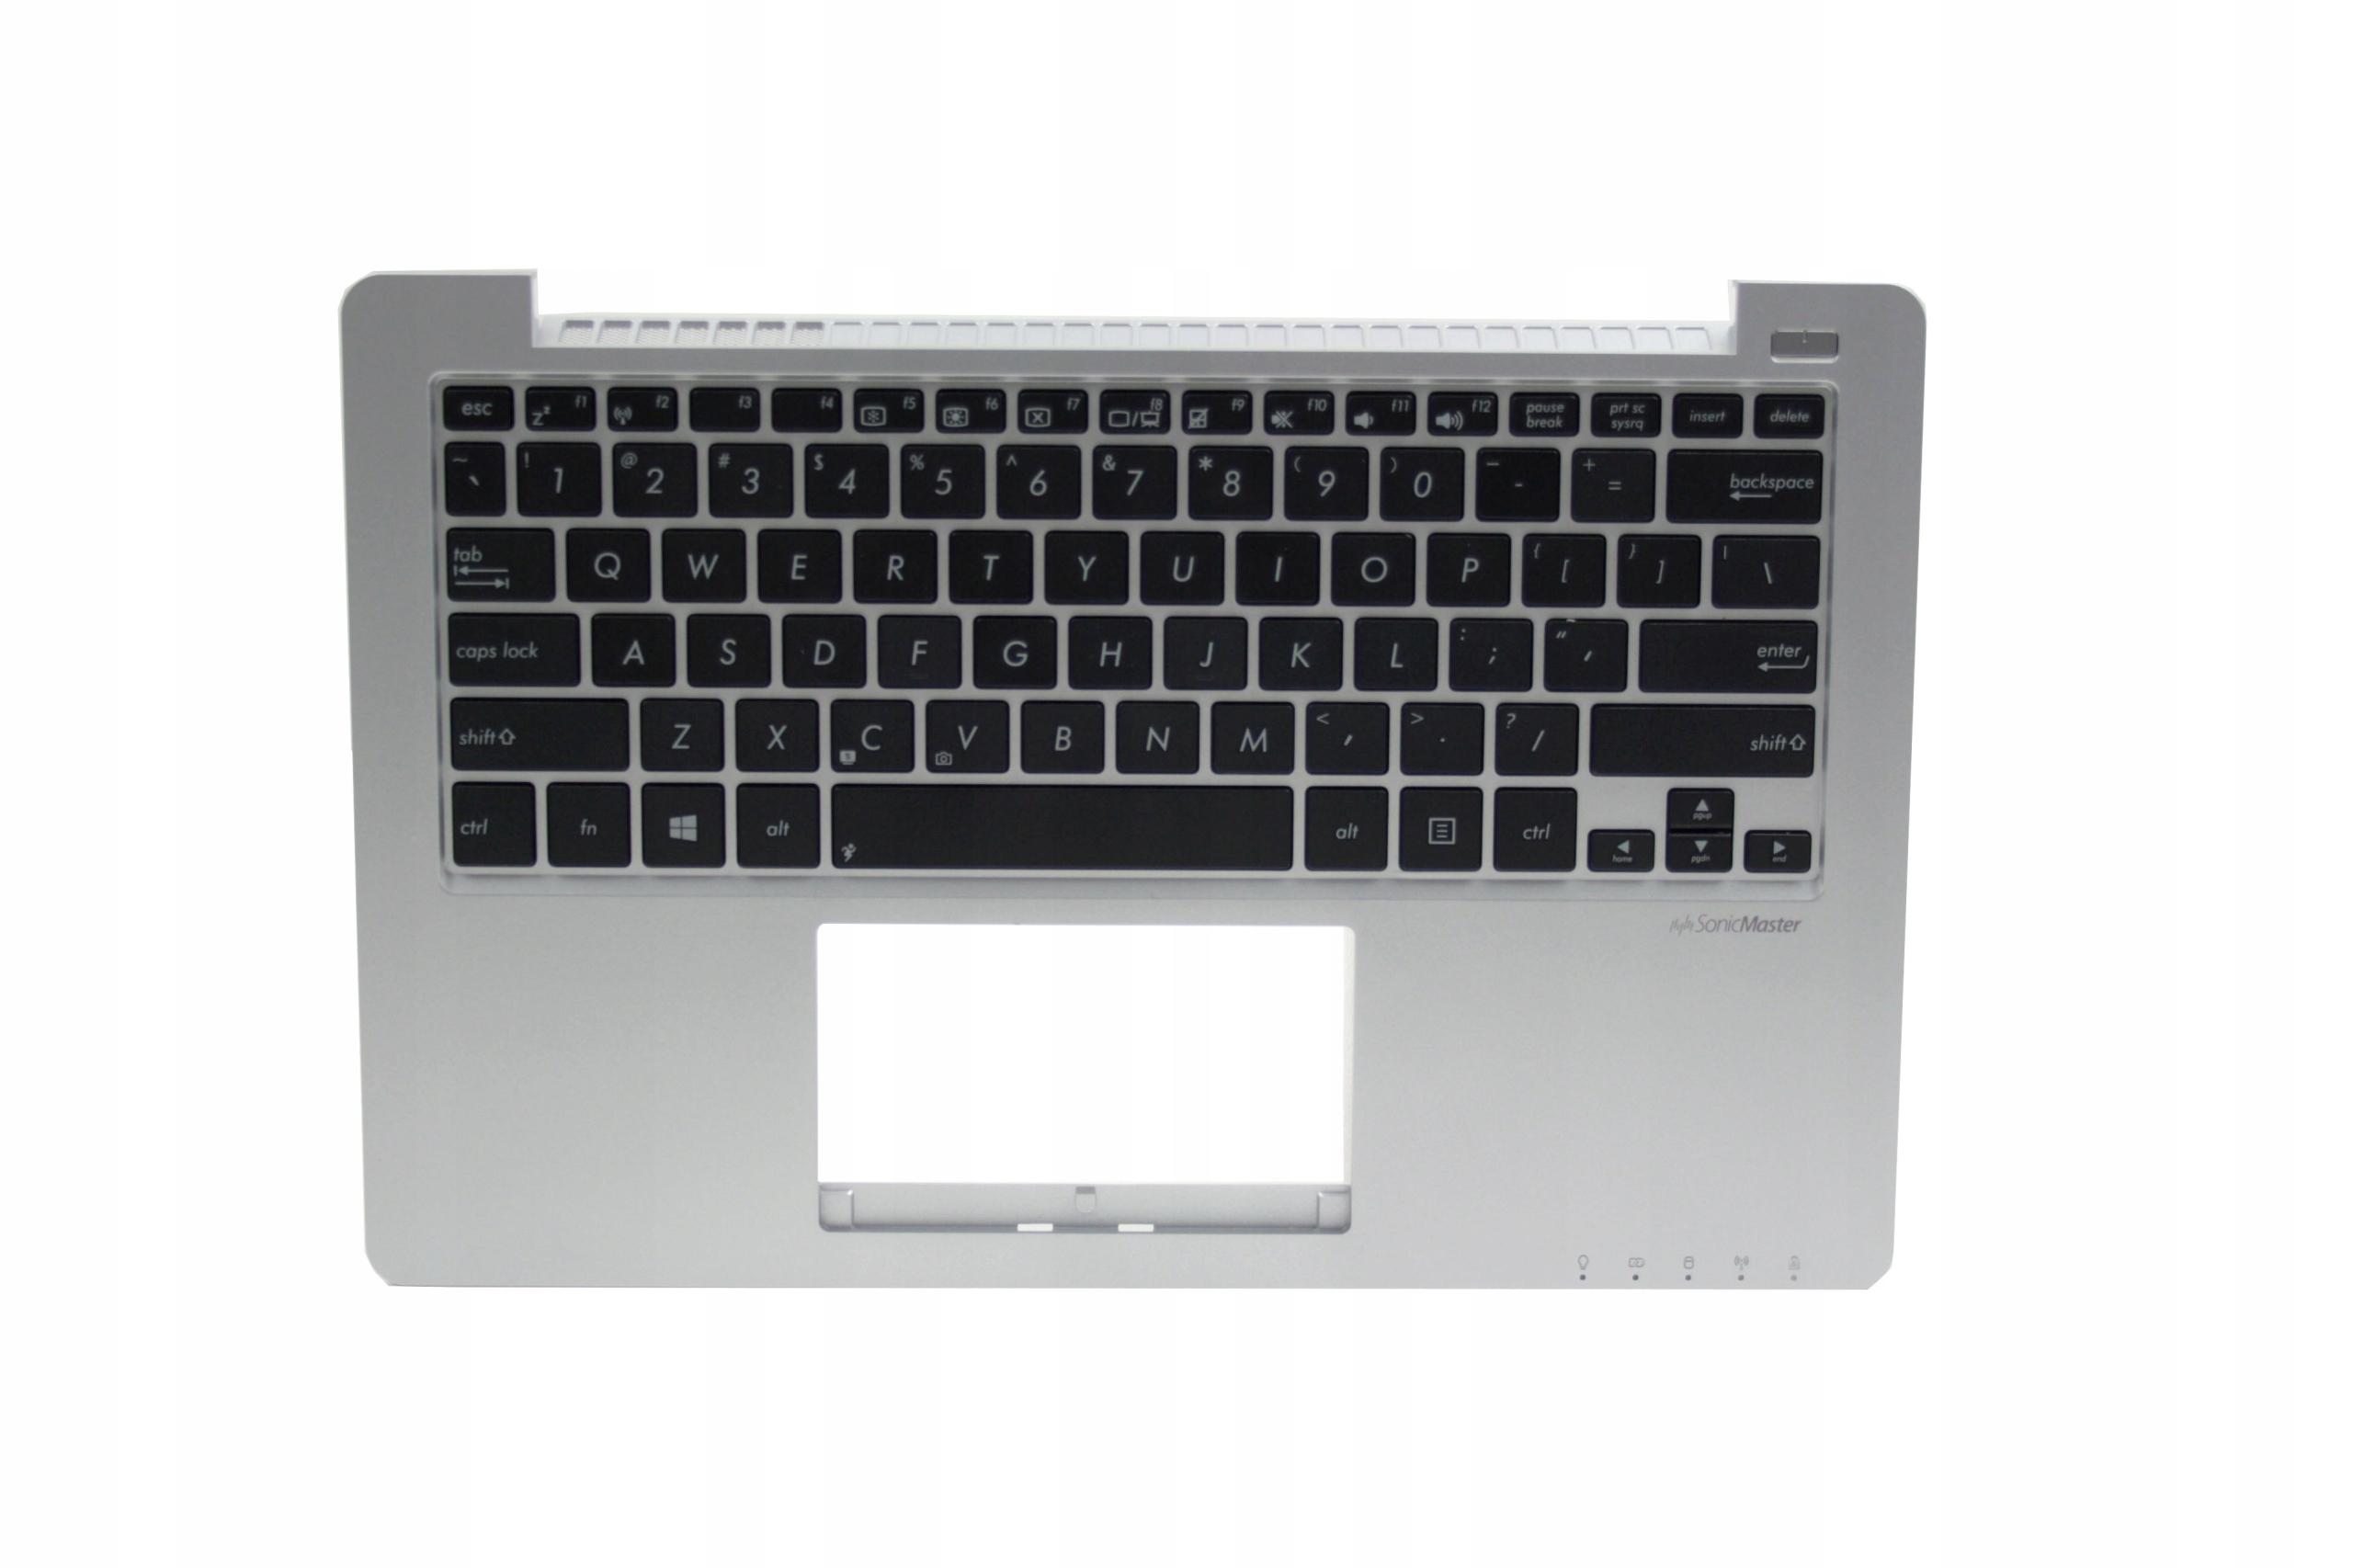 KLAWIATURA TOPCASE PALMREST OBUDOWA GÓRNA ASUS X201 X201E X201S X202 - Klawiatury do laptopów